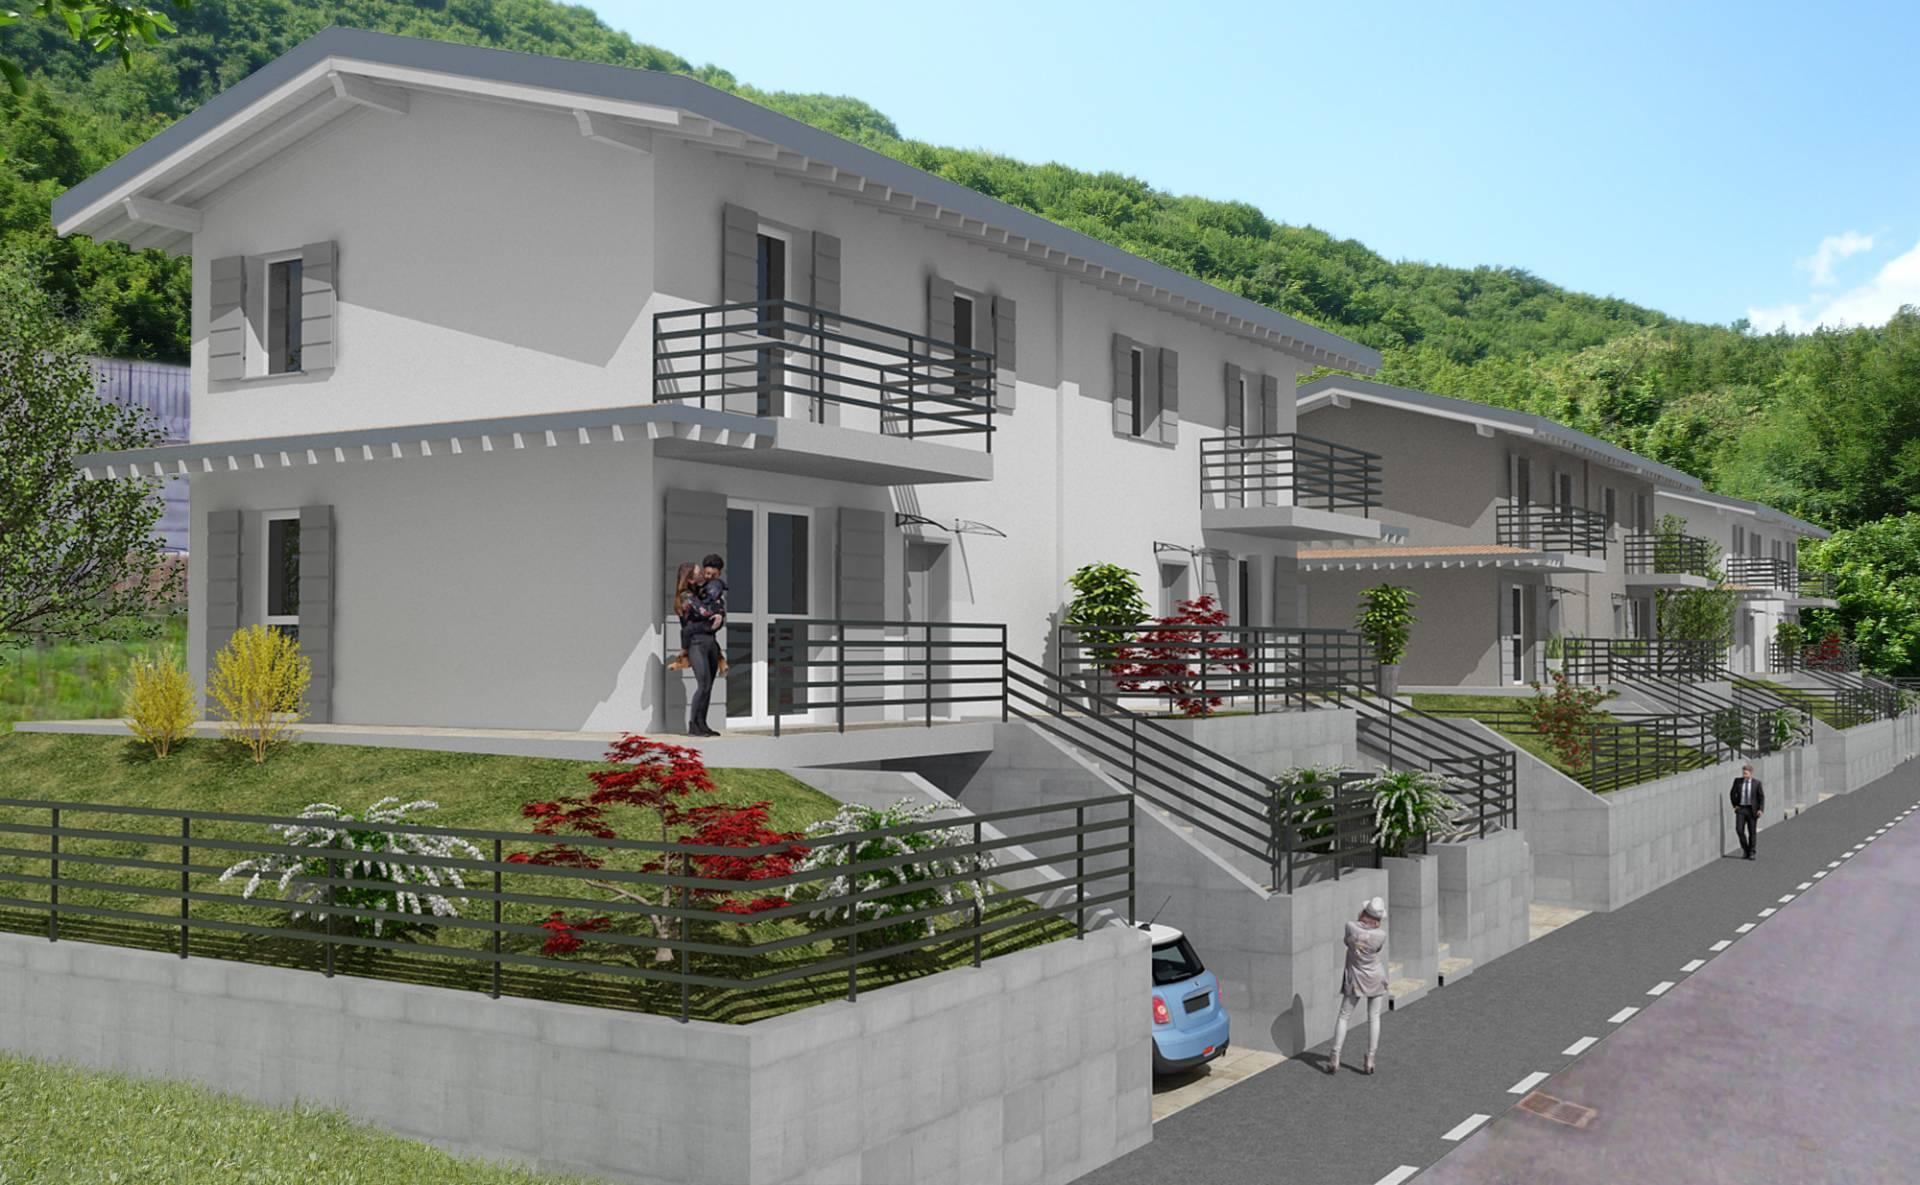 Villa Bifamiliare in vendita a Gardone Val Trompia, 4 locali, zona Zona: Inzino, Trattative riservate   CambioCasa.it